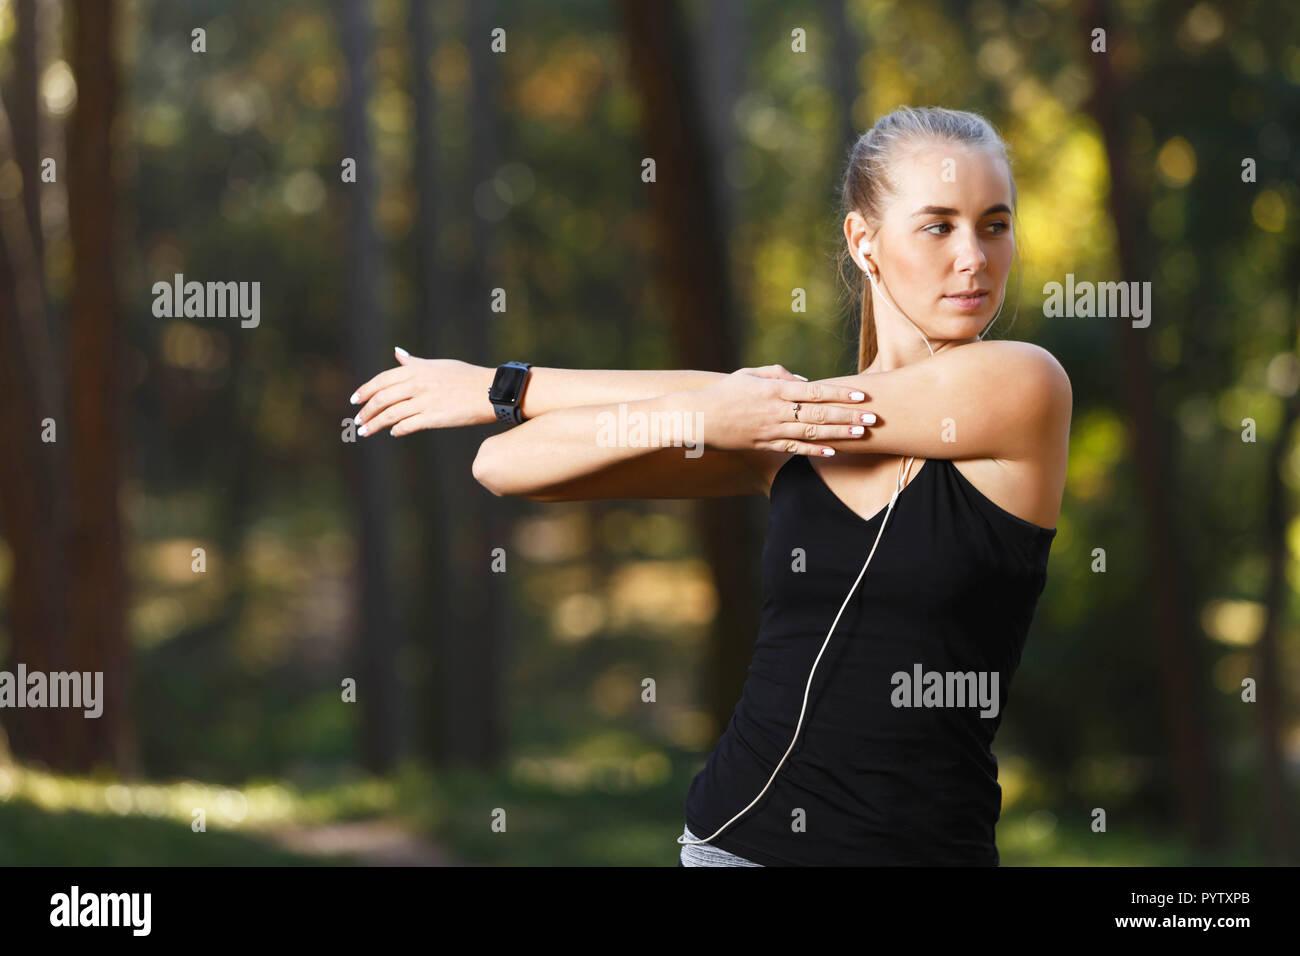 Retrato de joven mujer vistiendo ropas sportish atléticos de estiramiento y escuchar música en el soleado parque, estilo de vida saludable y la gente concepto Foto de stock